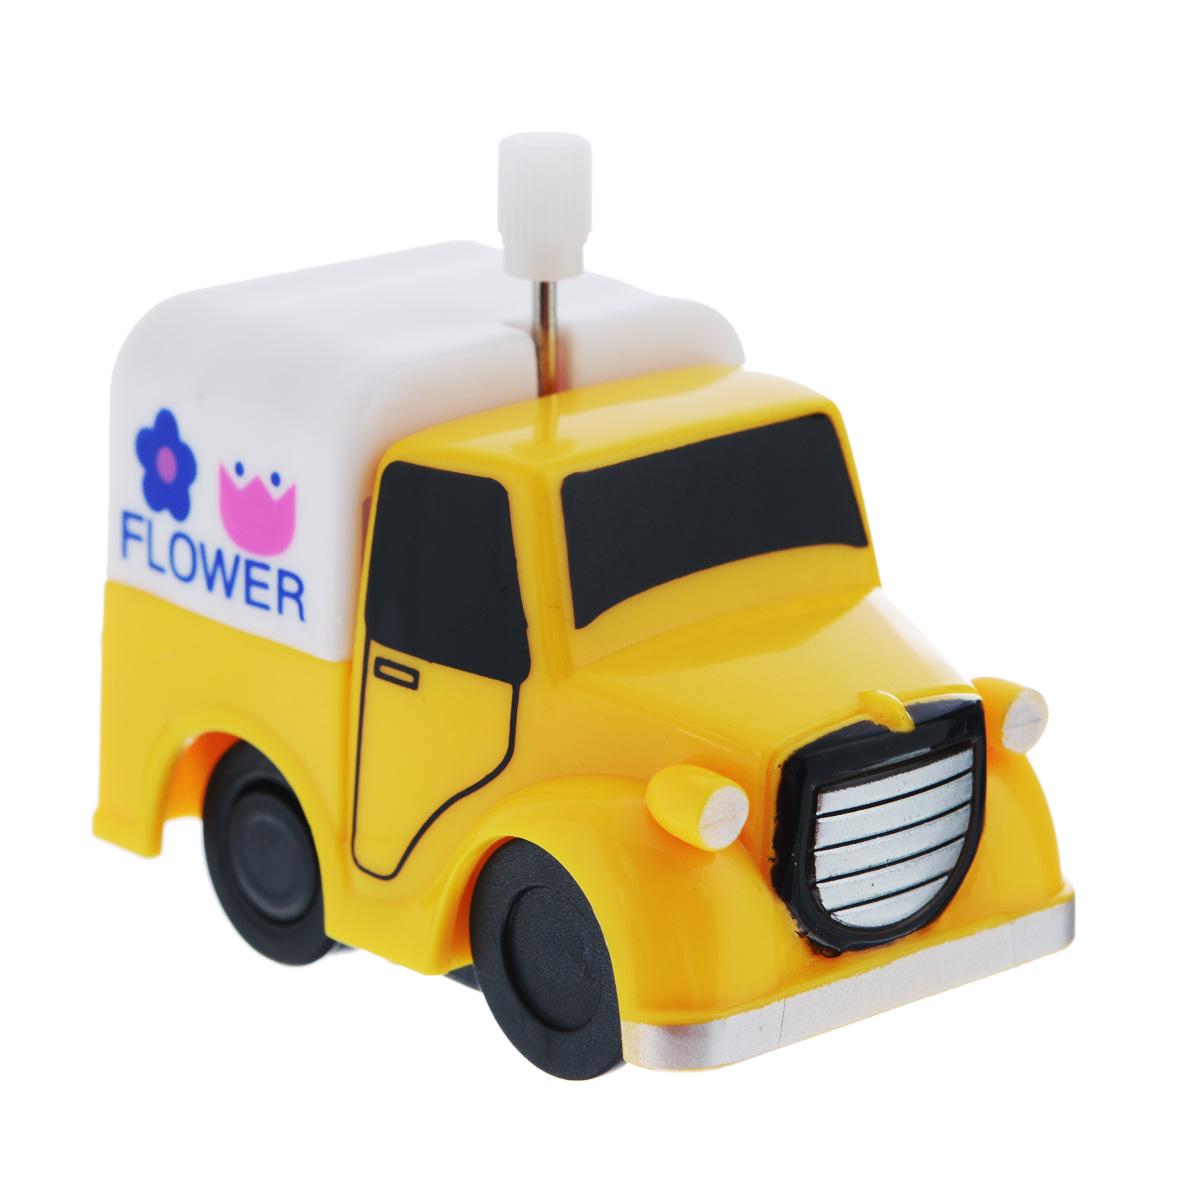 Игрушка заводная Грузовичок Flower игрушка